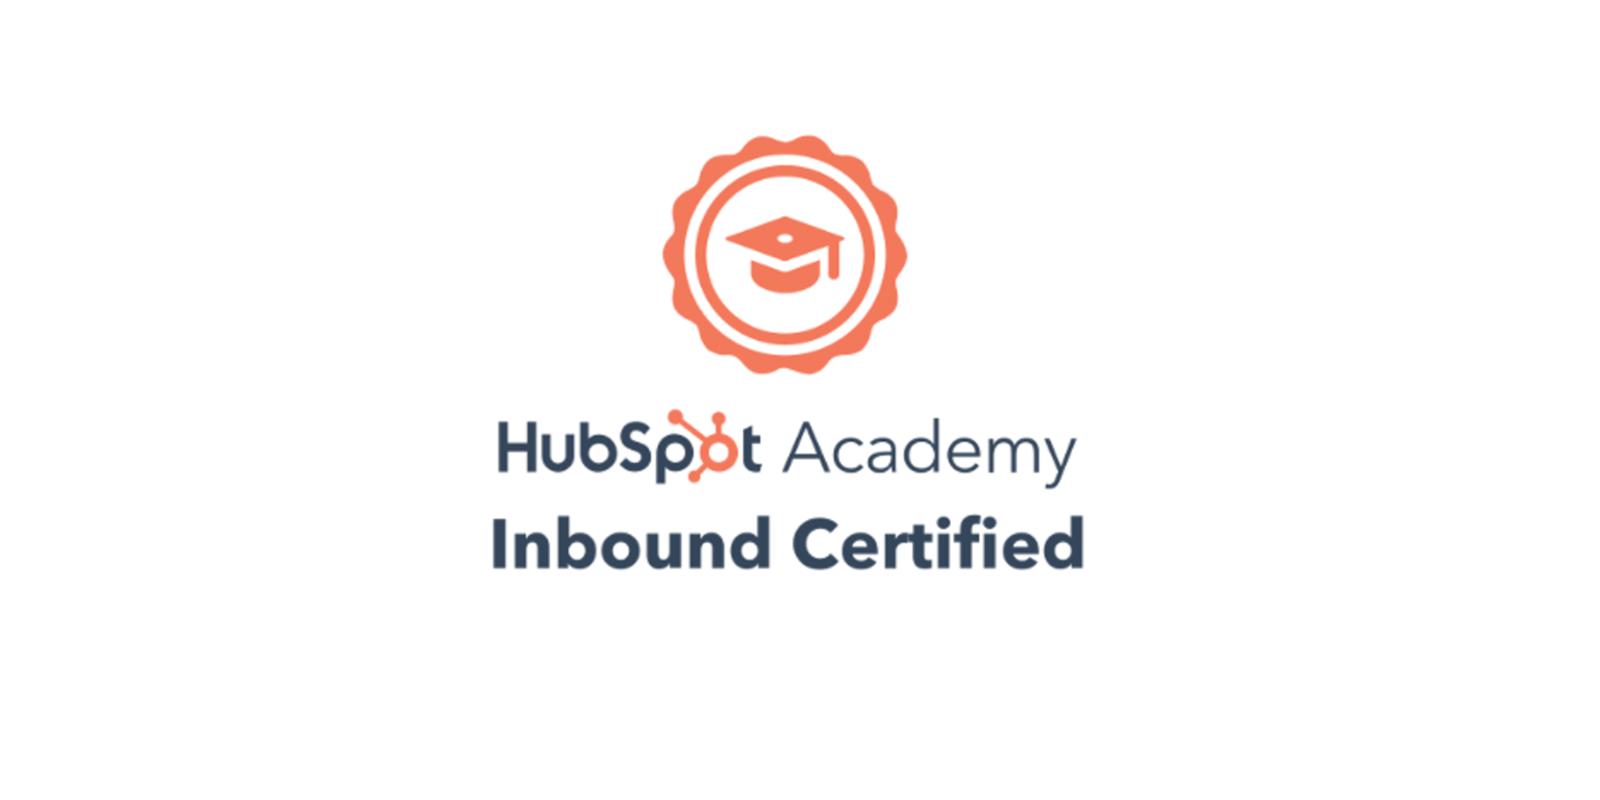 Exemple de certification d'une agence de marketing numérique